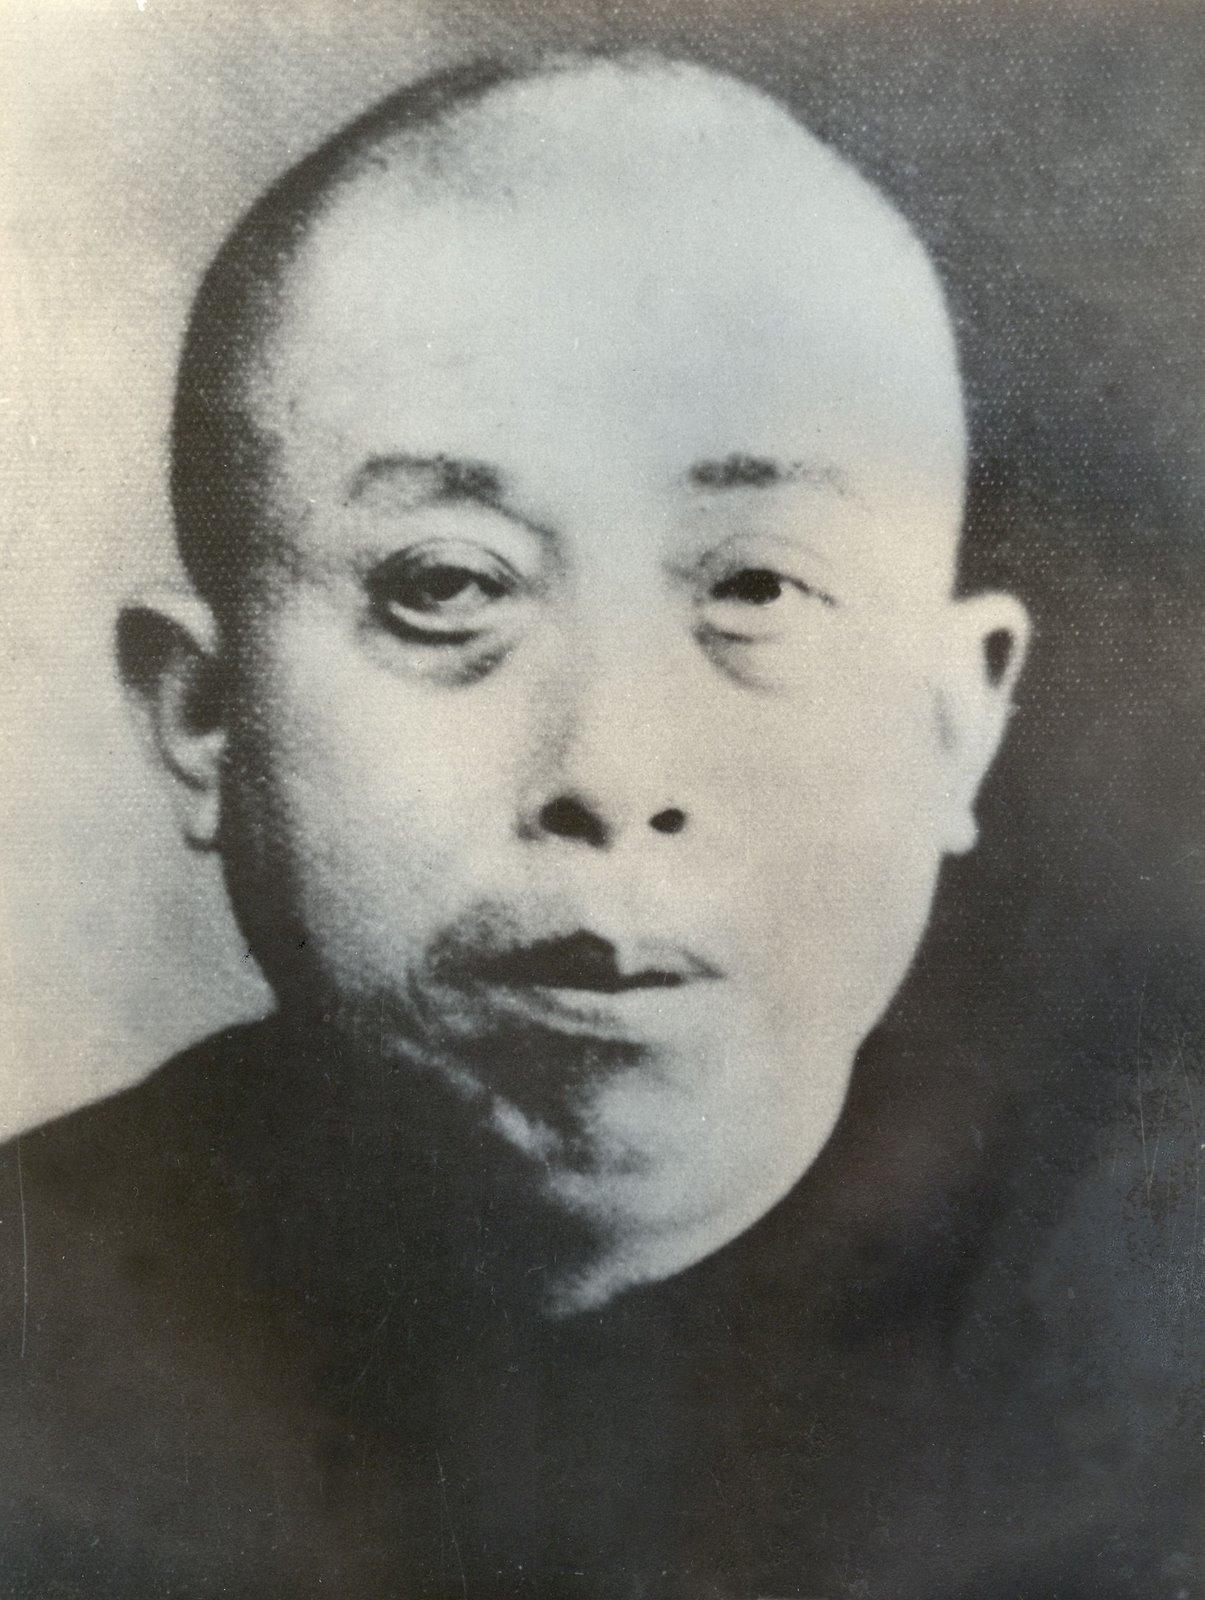 Lau Sze Chung